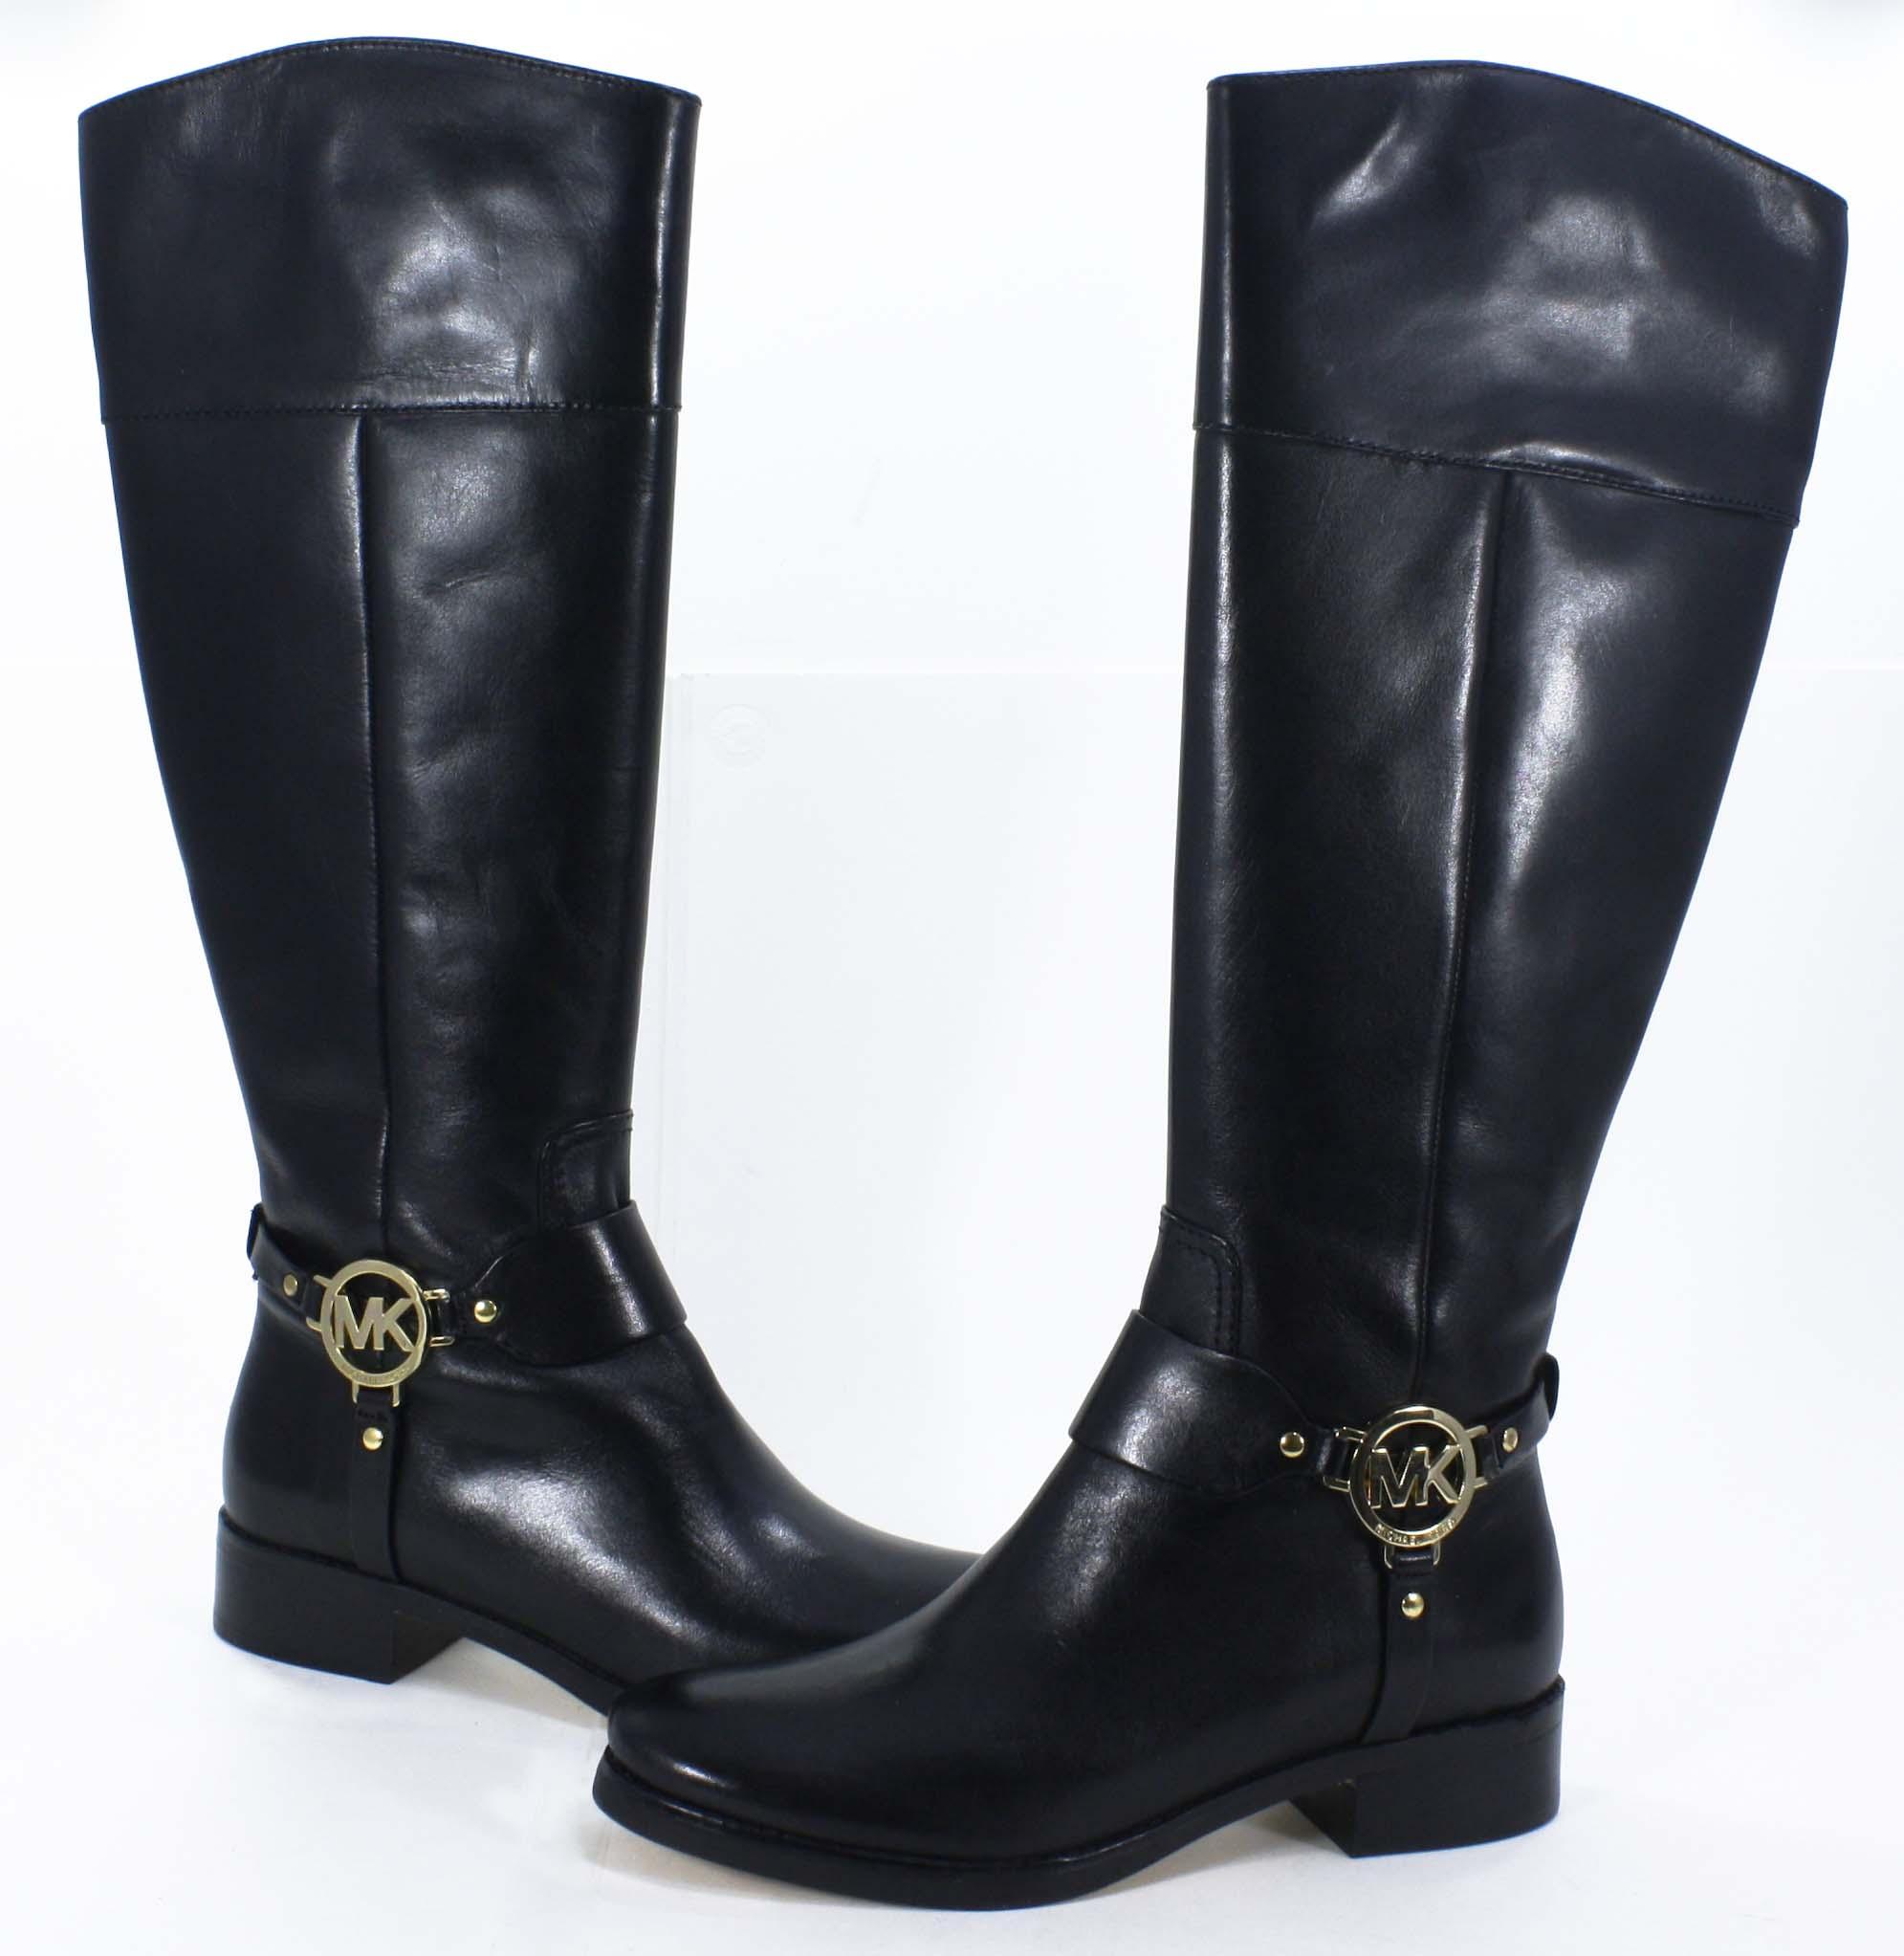 dfd5e05caa0 Michael kors boots sale / September 2018 Discount